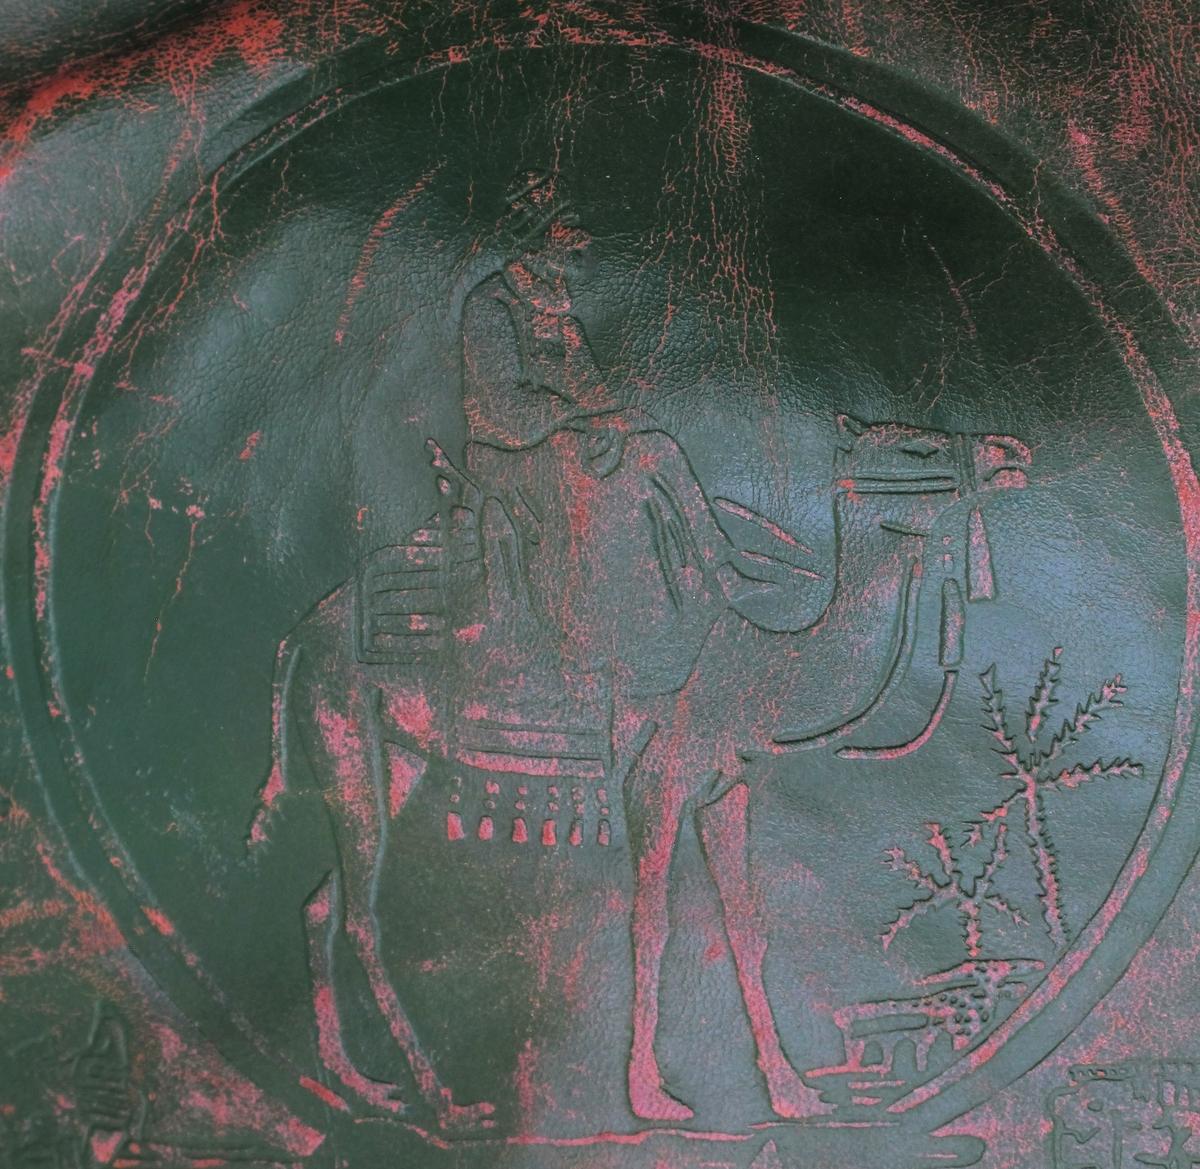 Kamelsal, deler montert med skruer, hengsler m.m. Sal med preget mønster.  Preget mønster i skinn. Stanset mønster i blikk. Brun sal, grønn pute.